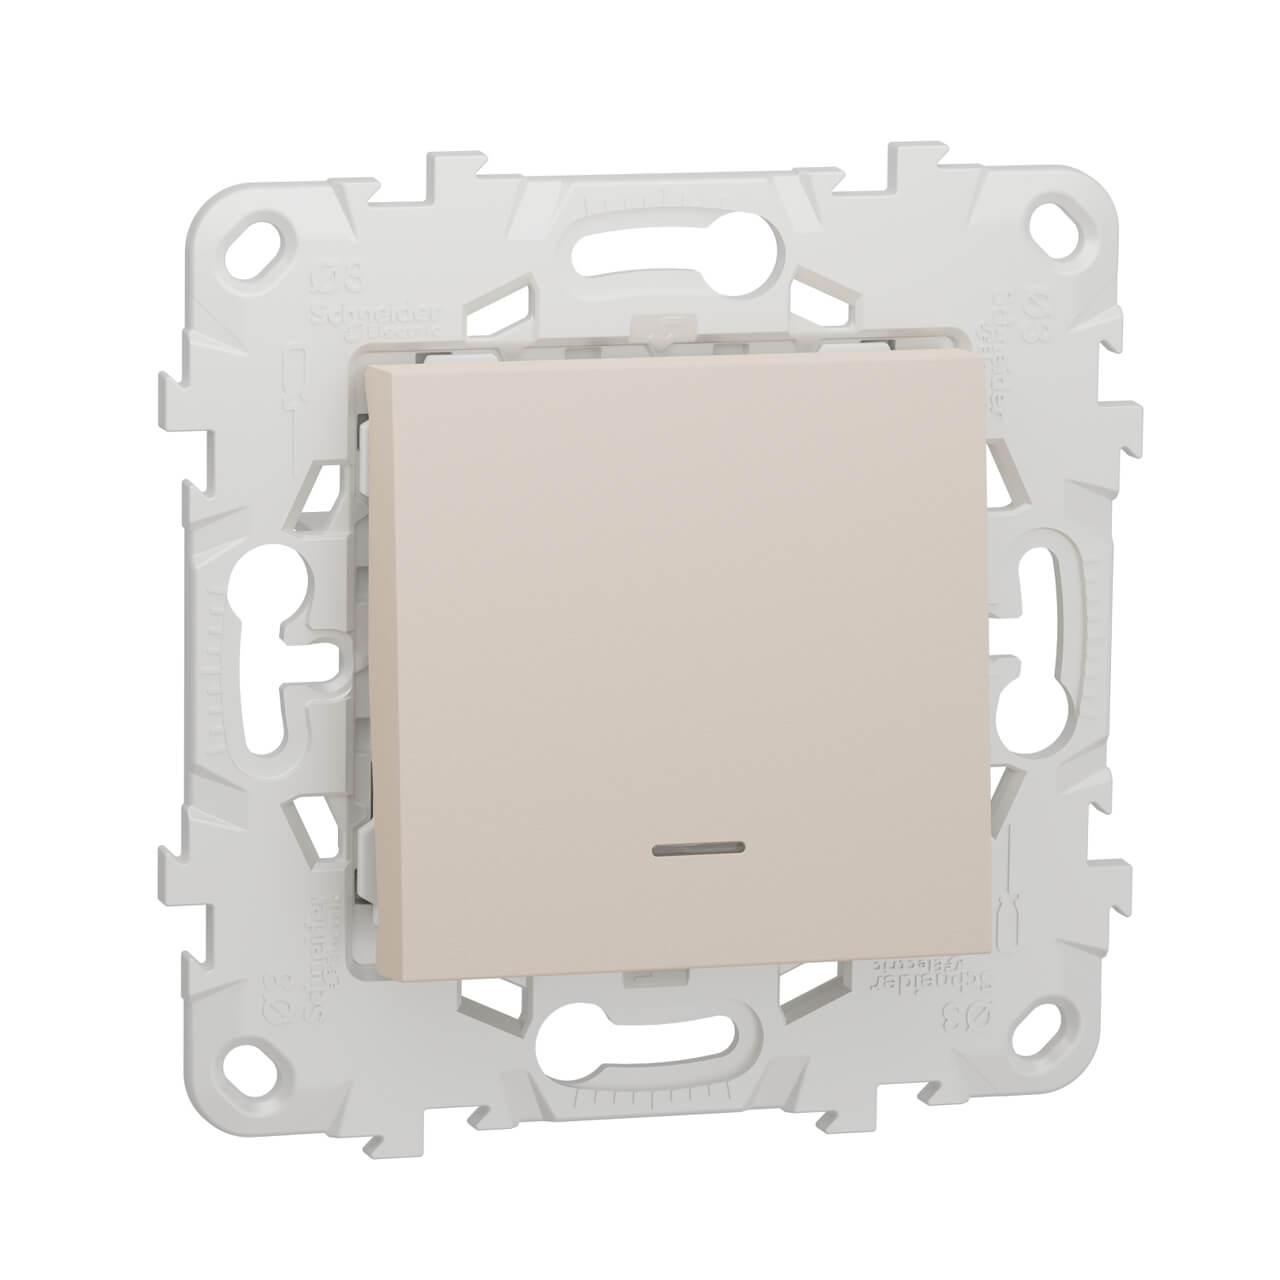 Переключатель одноклавишный с подсветкой Schneider Electric Unica New NU520344N schneider одноклавишный кнопочный выключатель unica с подсветкой графит